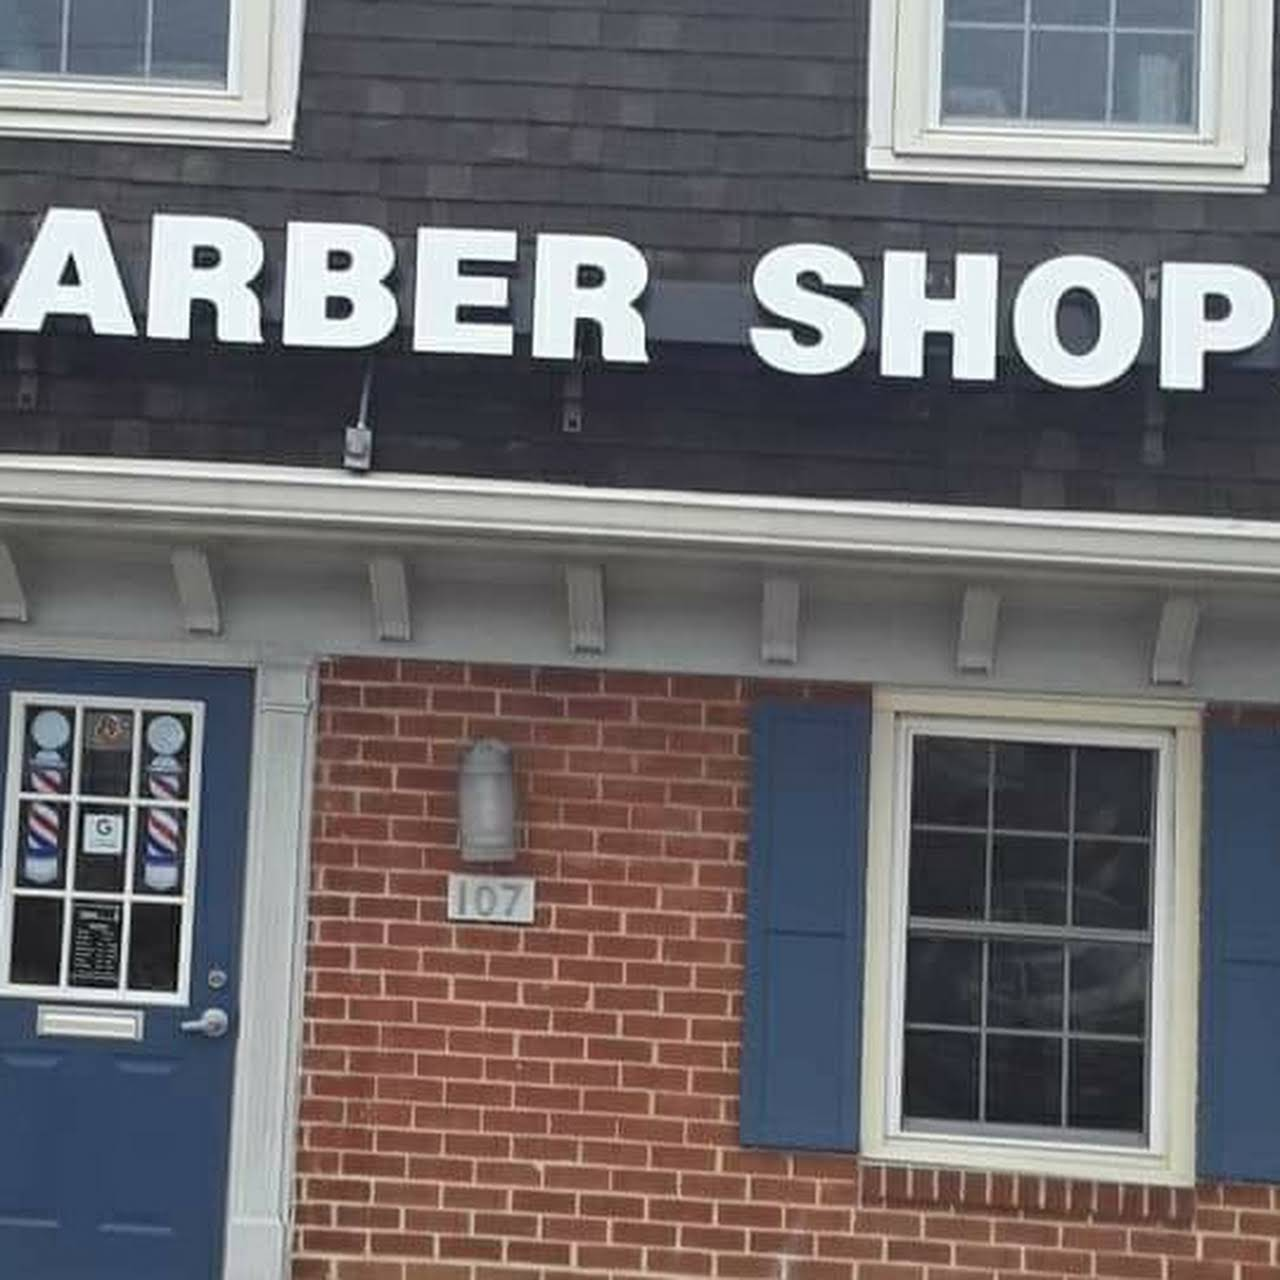 Savvas Barbershop   Barber Shop in Annapolis